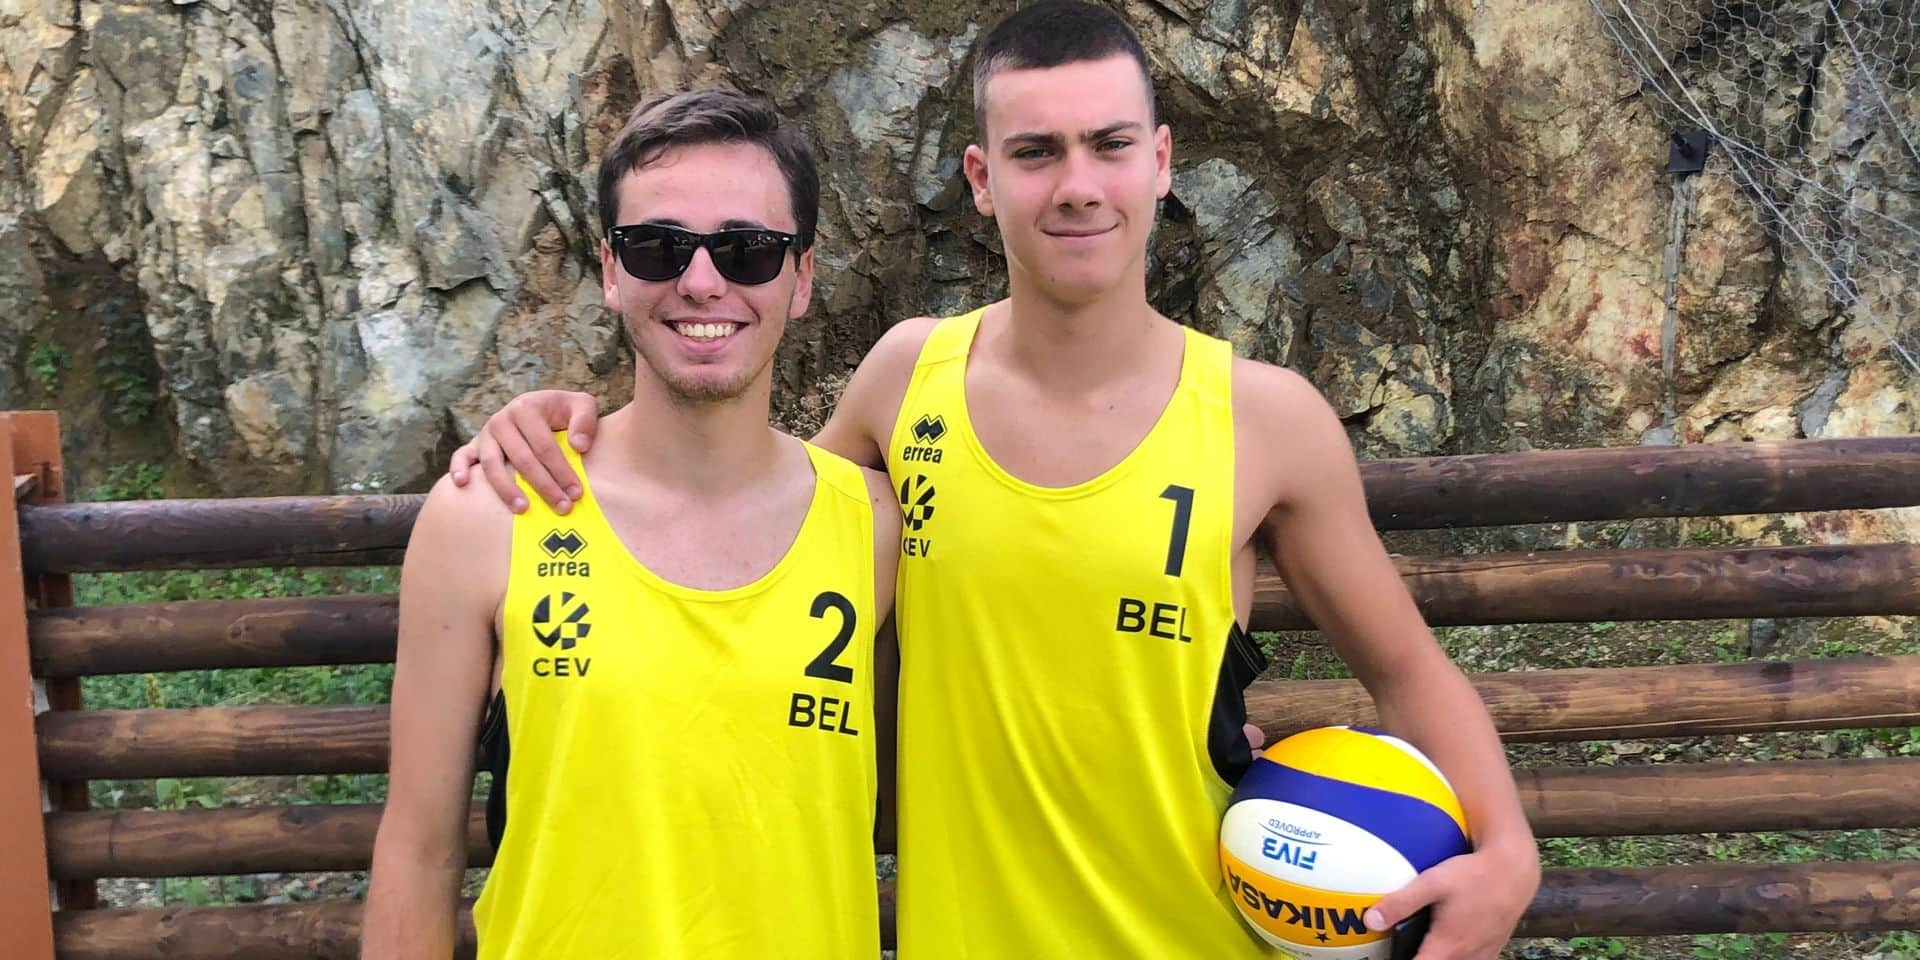 Beach Volley : Une première internationale réussie pour Louis Laenen et Thibault Goset